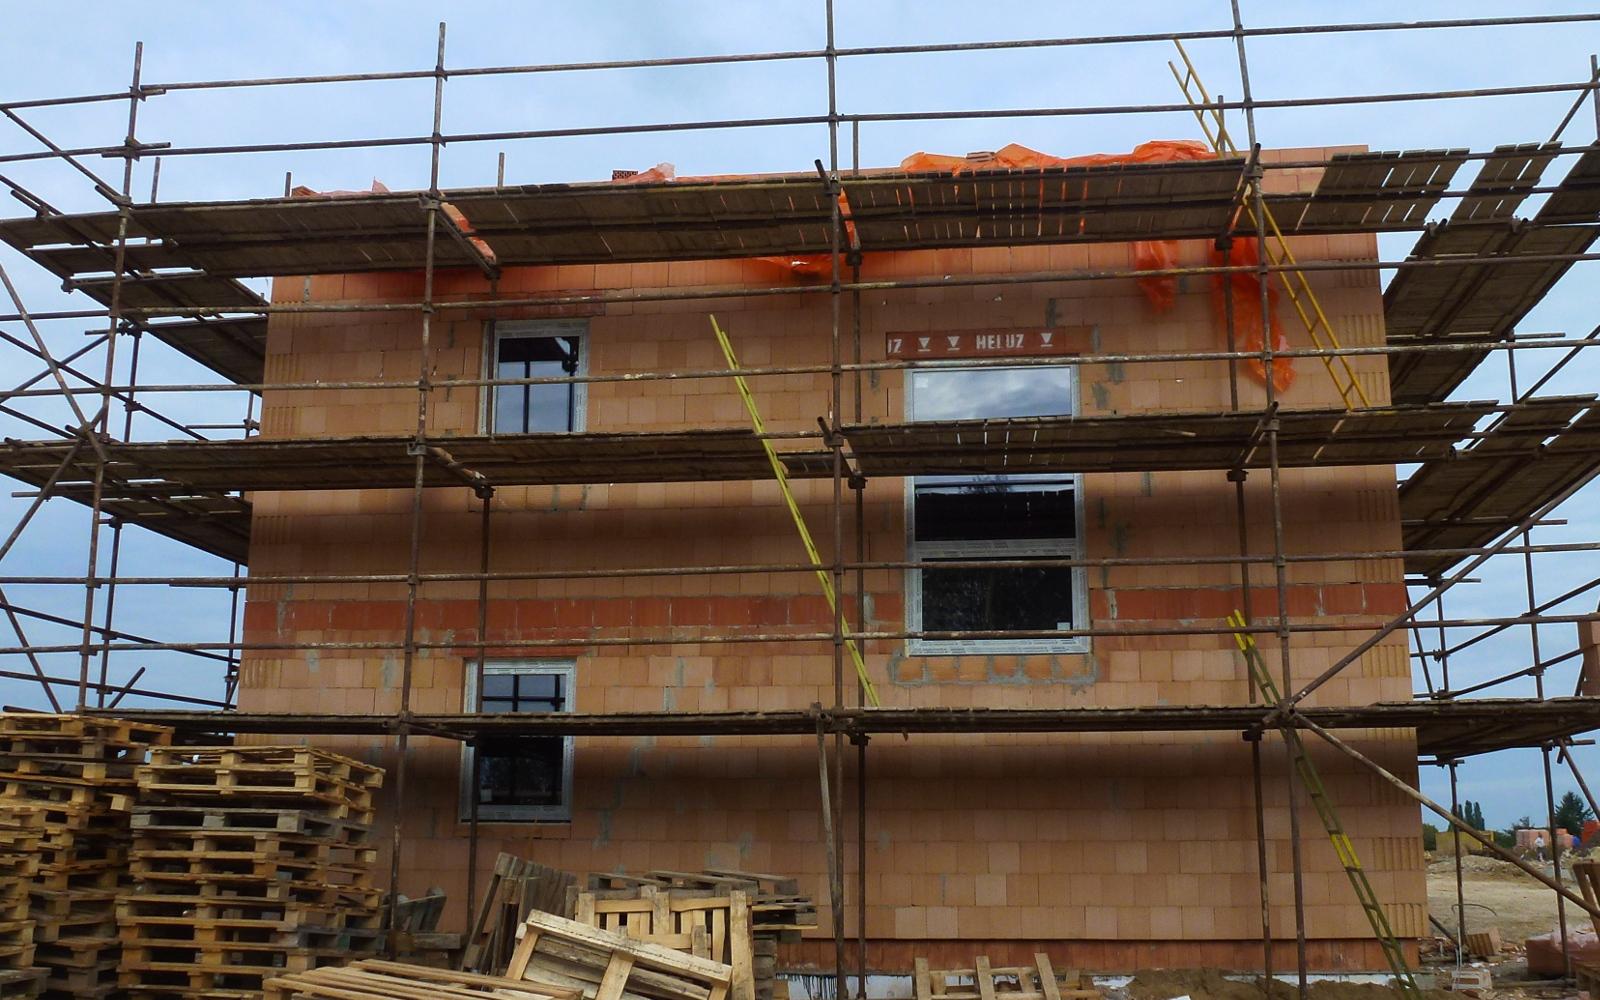 2015-09-26 Dům 1 ze strany s okny